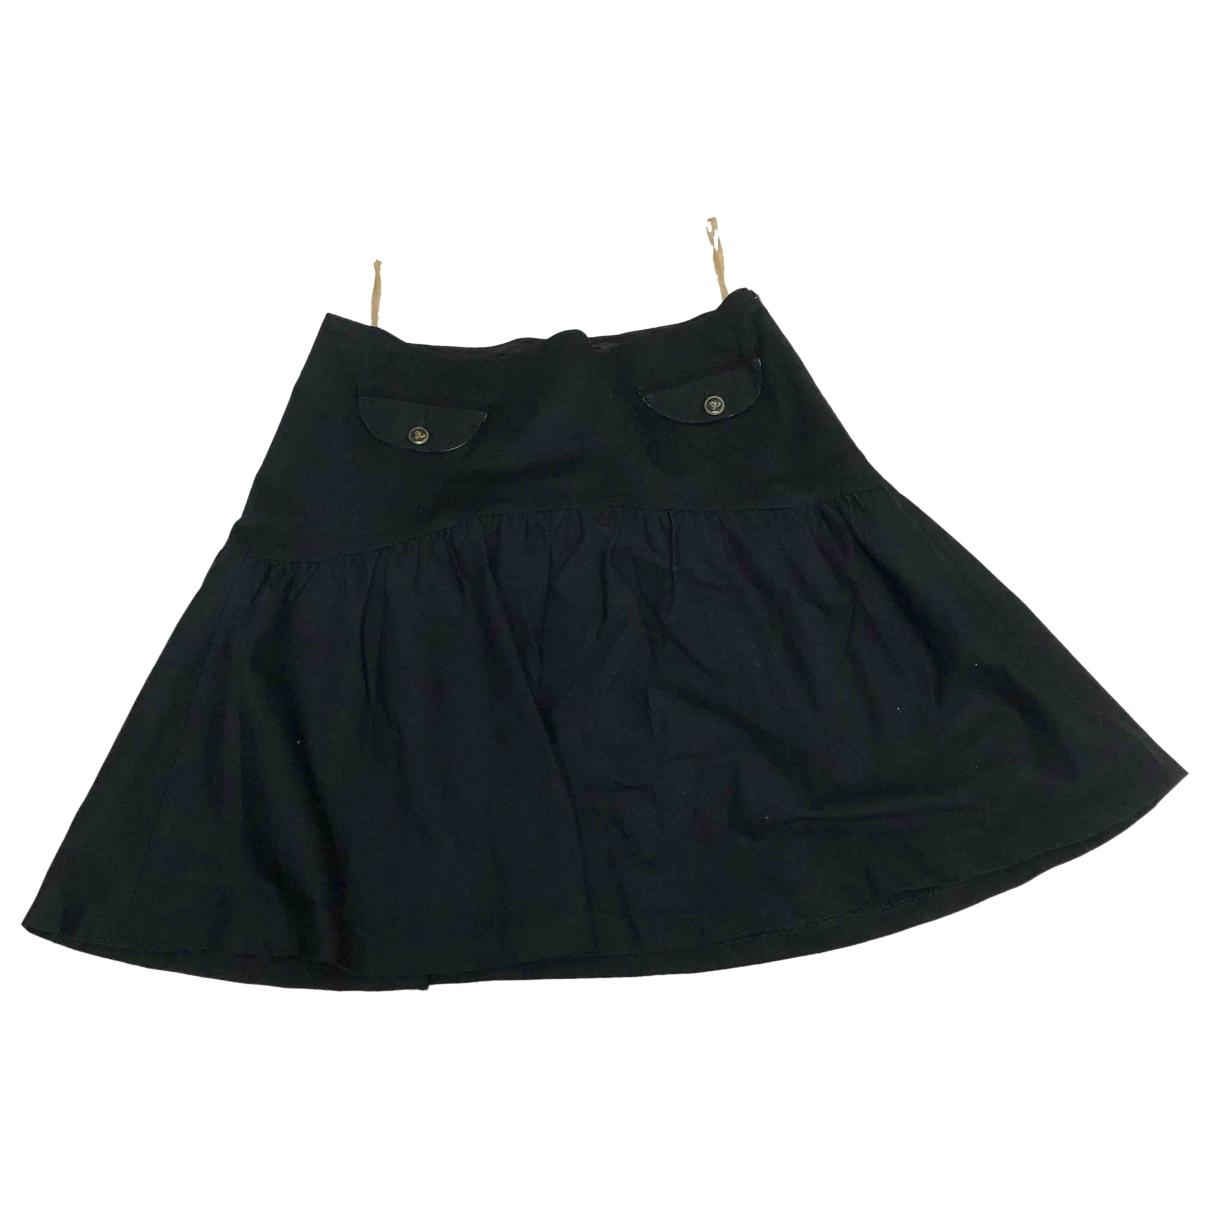 Burberry \N Black Cotton skirt for Women 38 IT